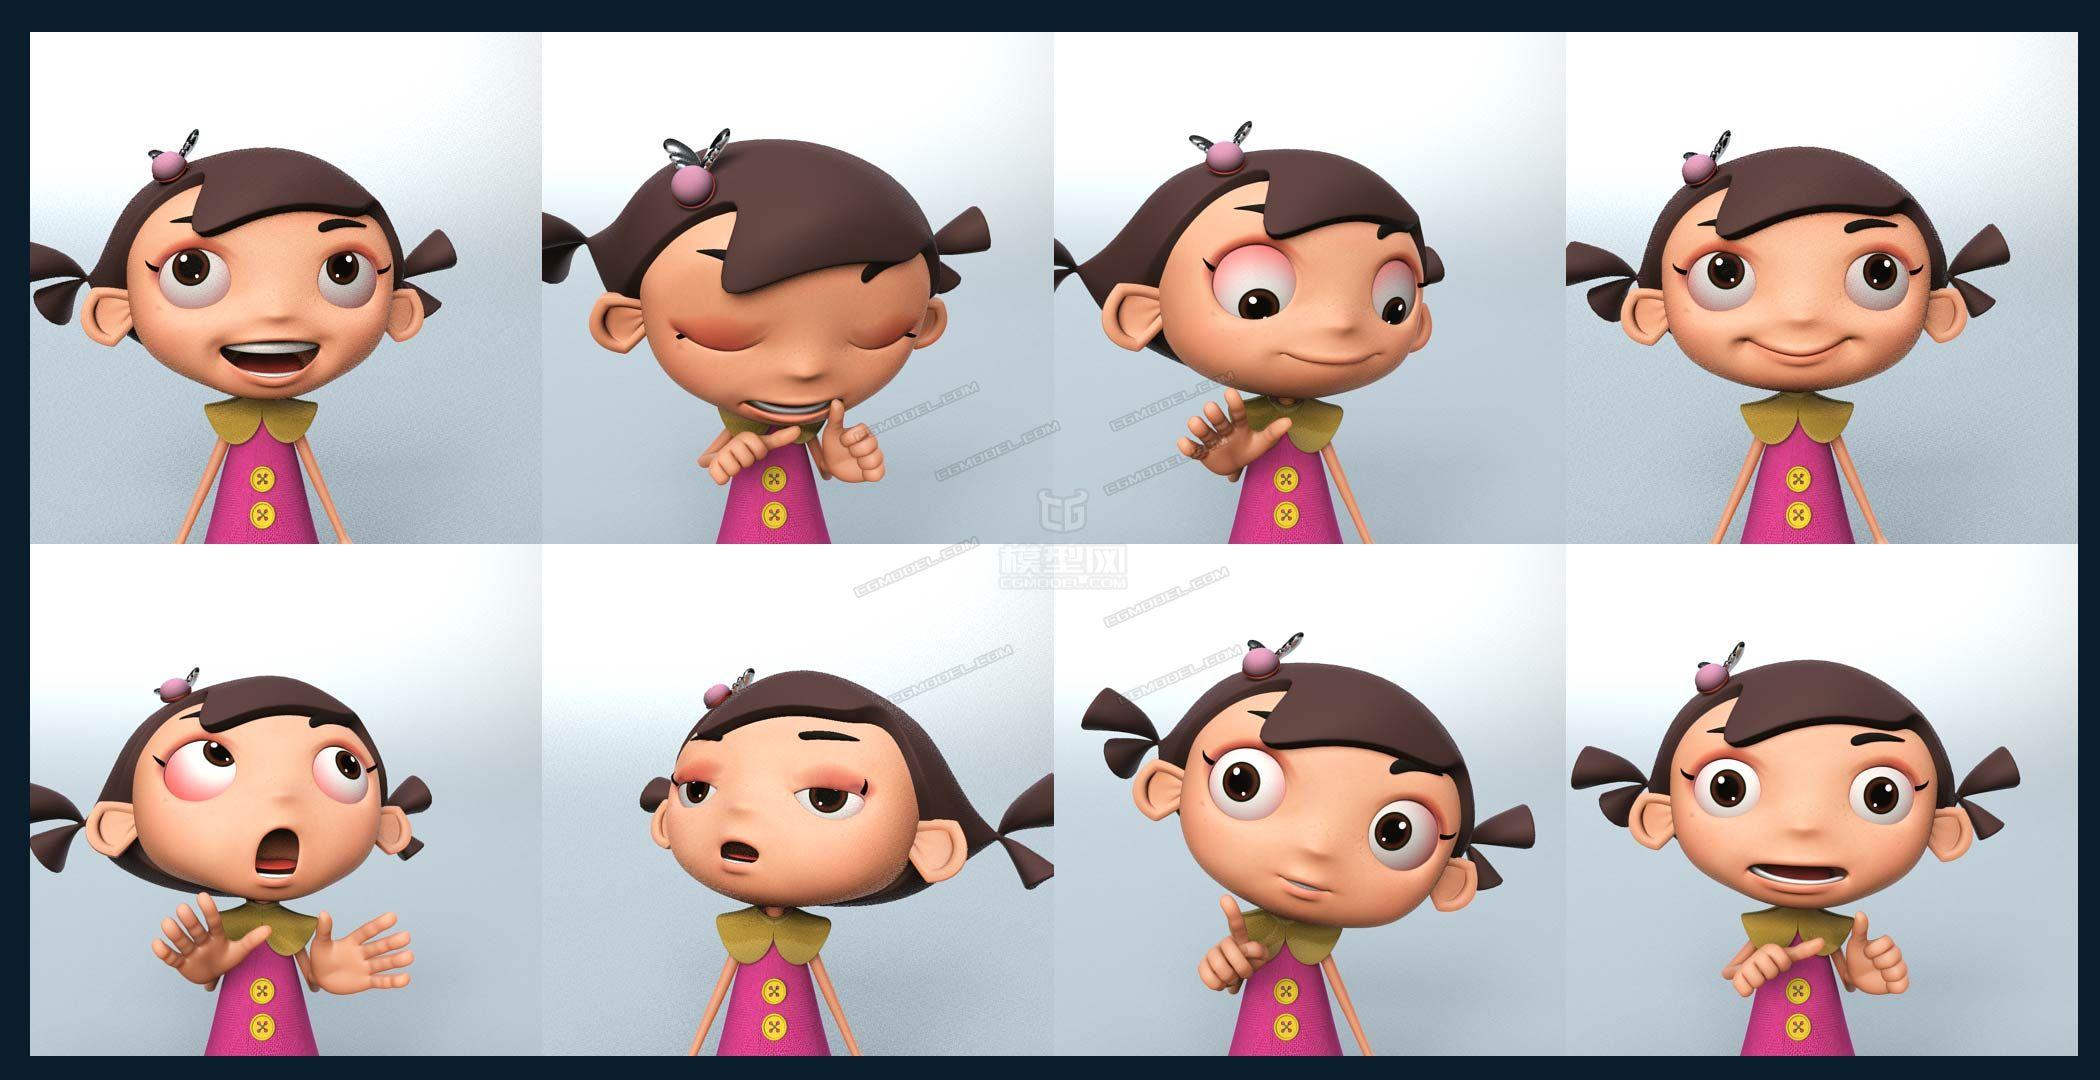 卡通女孩 裙子写实人物可爱 绑定表情 美女小学生 妹妹 姐姐马尾辫gir